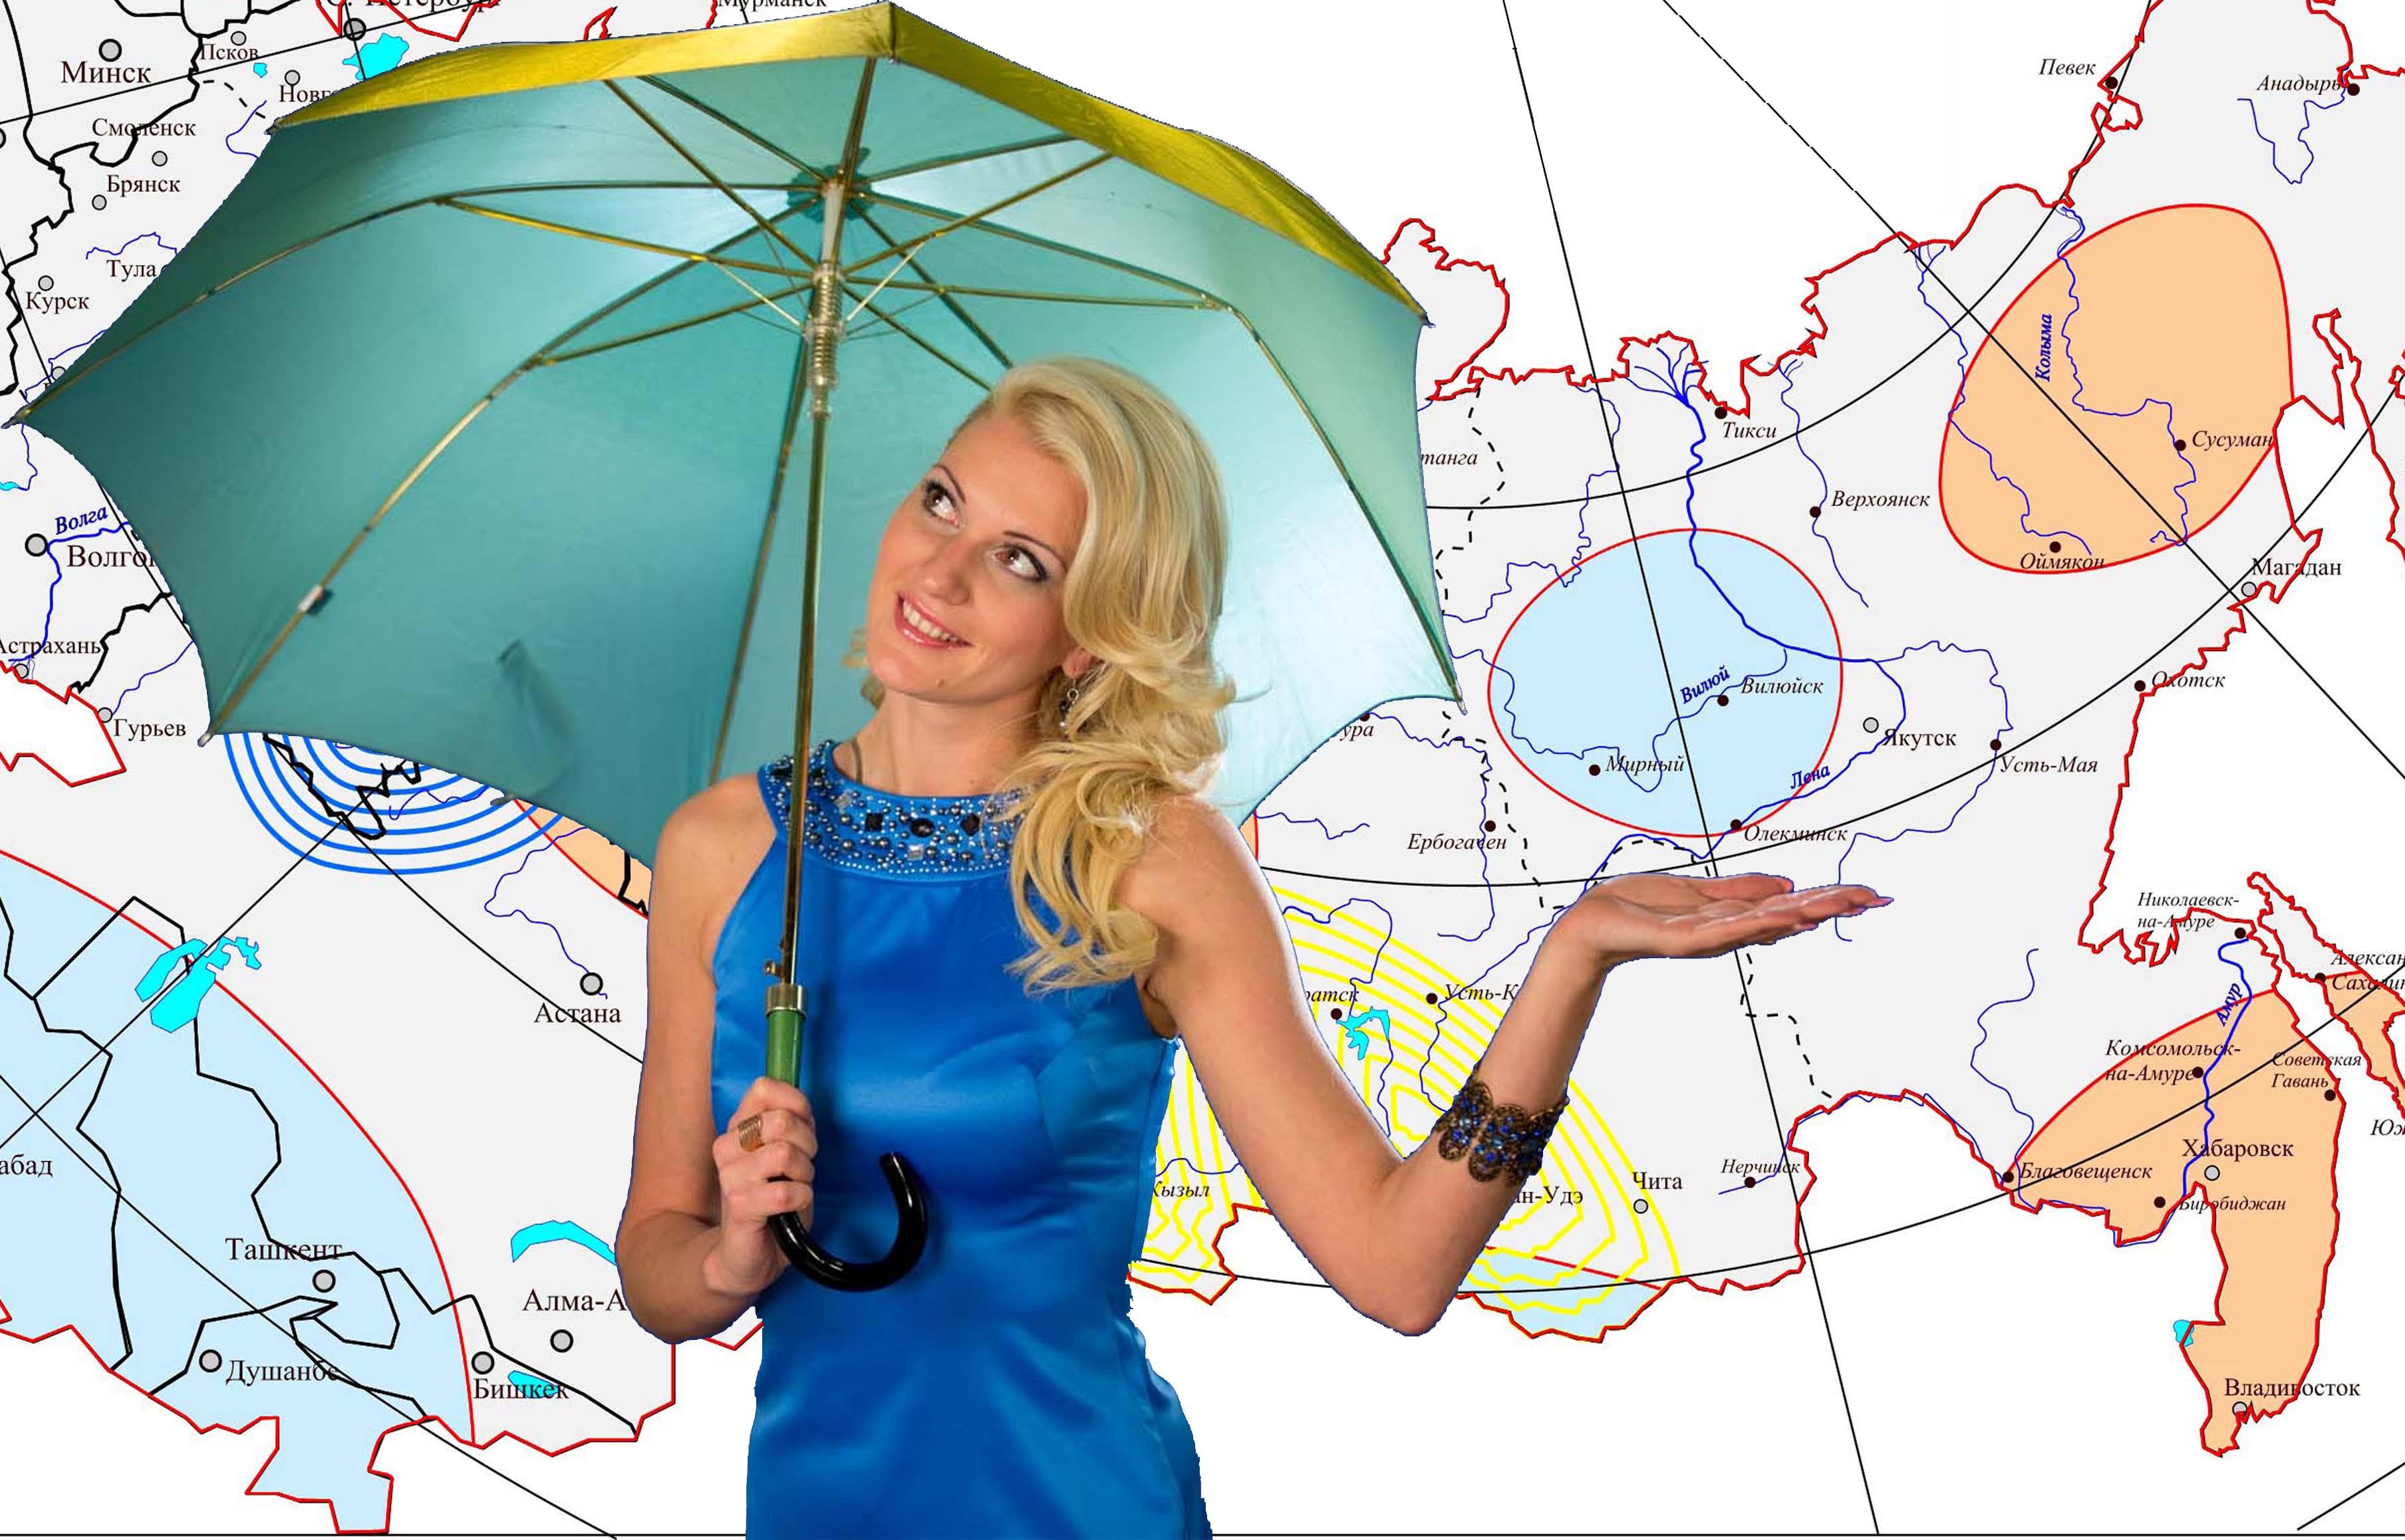 Прогноз погоды во владикавказе на 14 дней от фобос